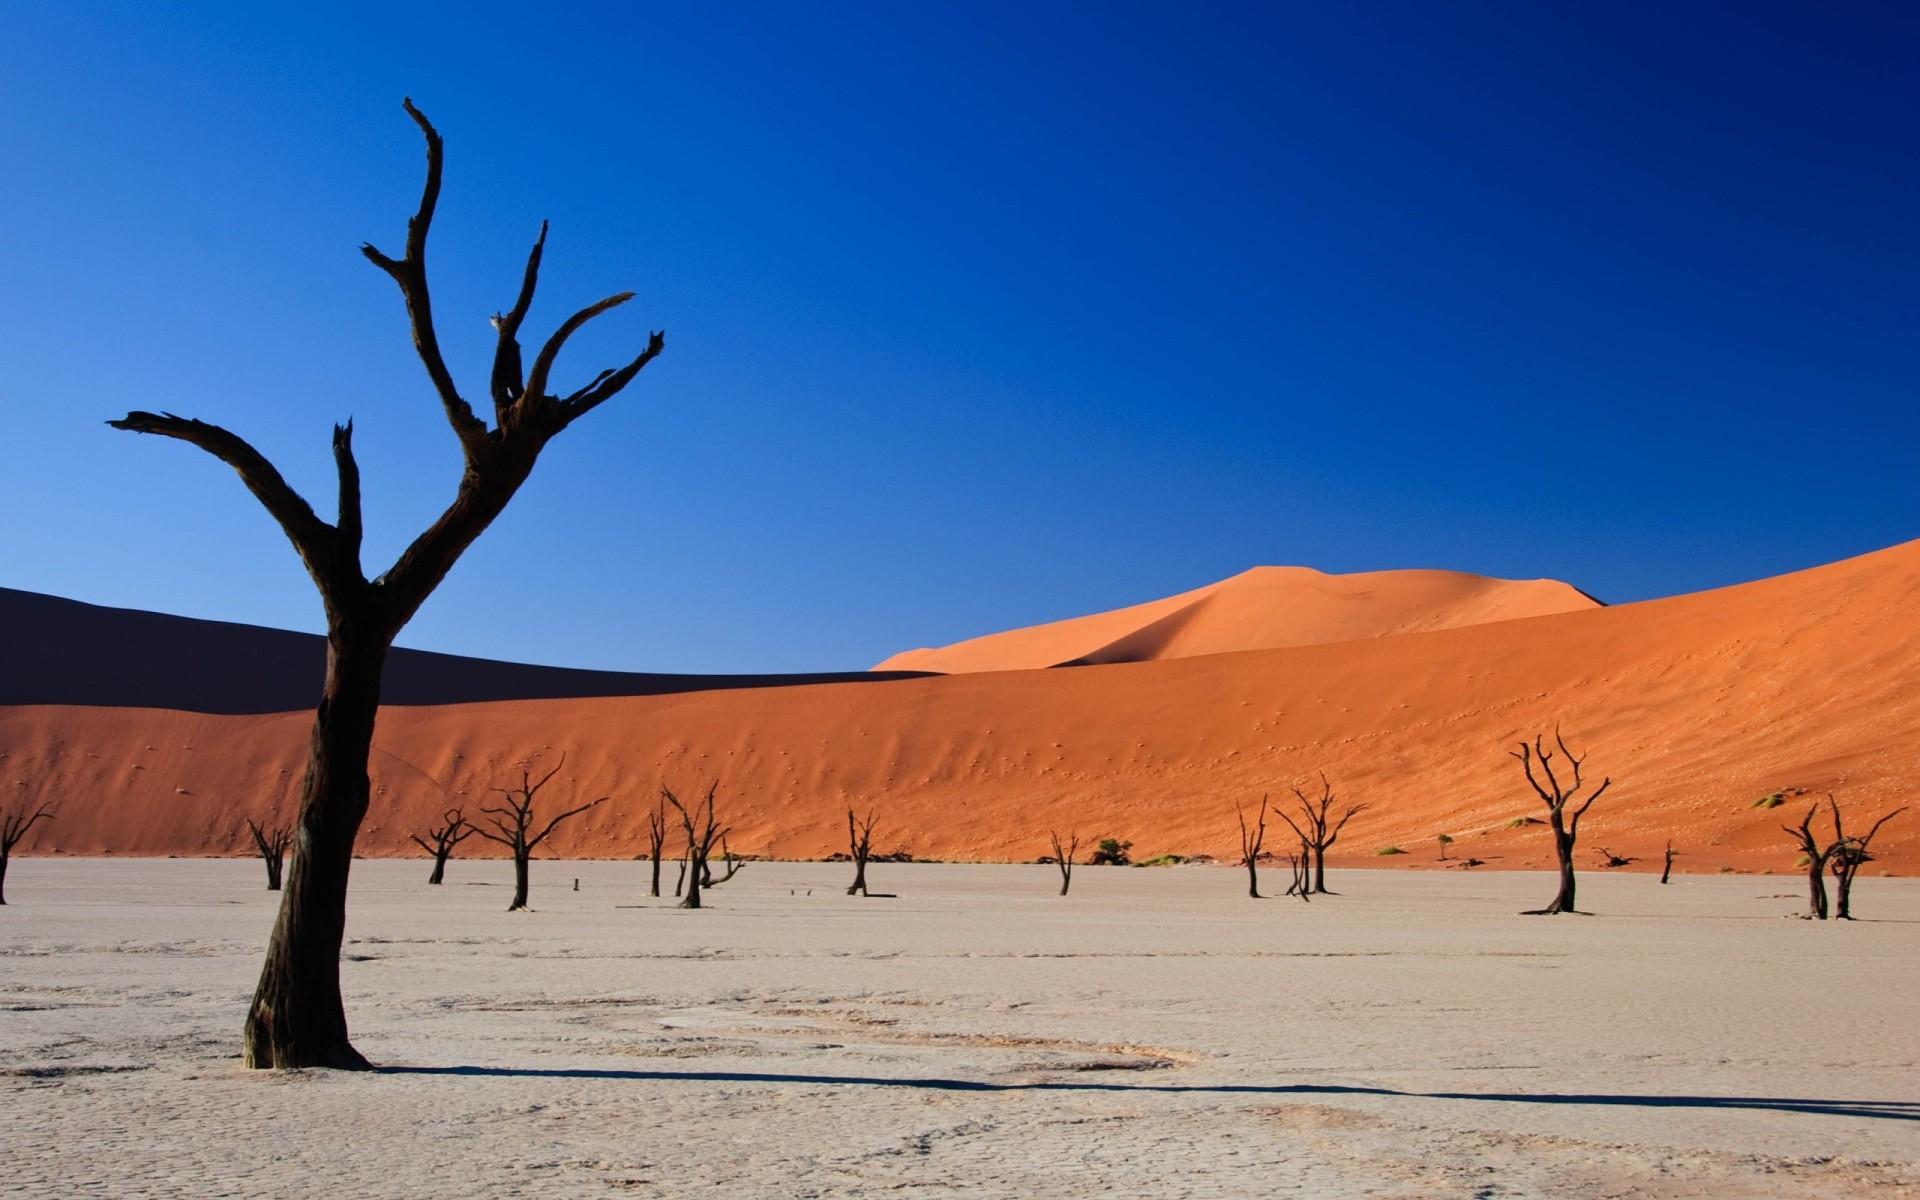 free desert landscape wallpaper 37480